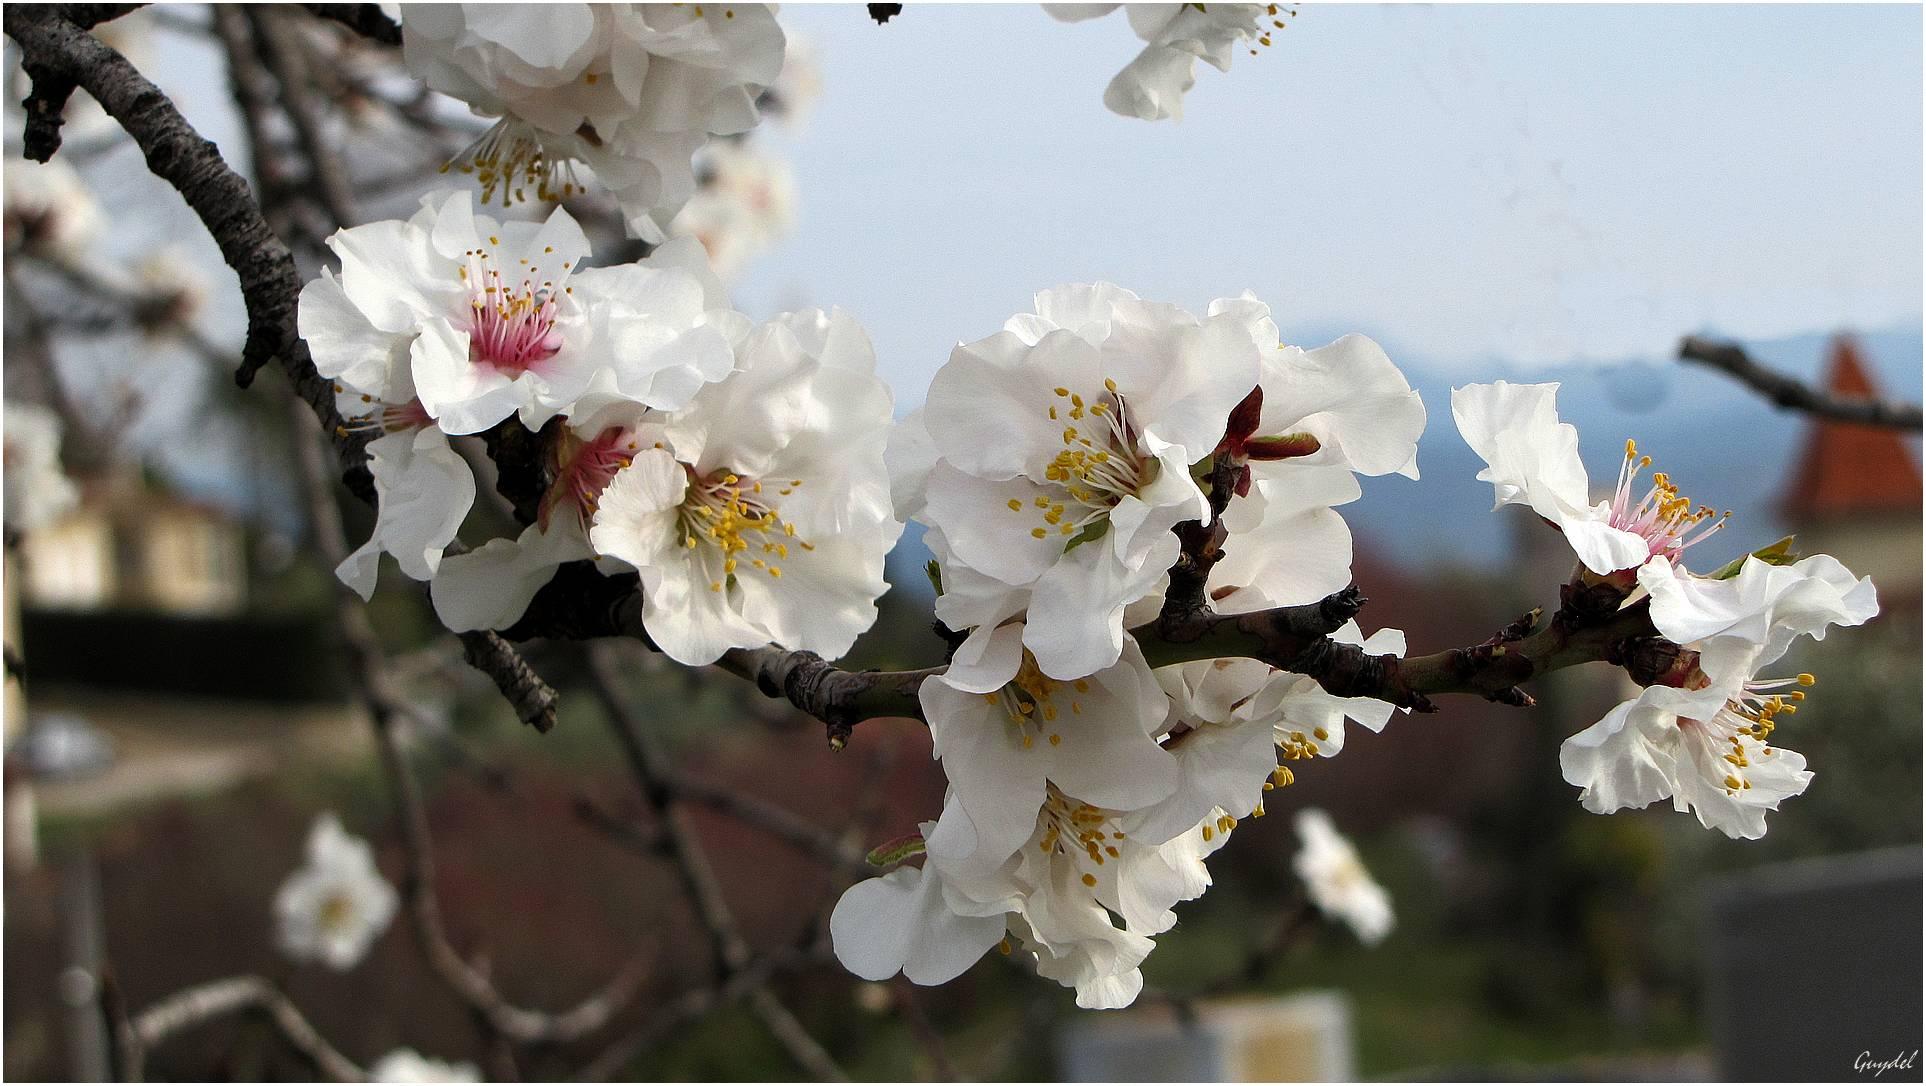 Les amandiers sont en pleine floraison !